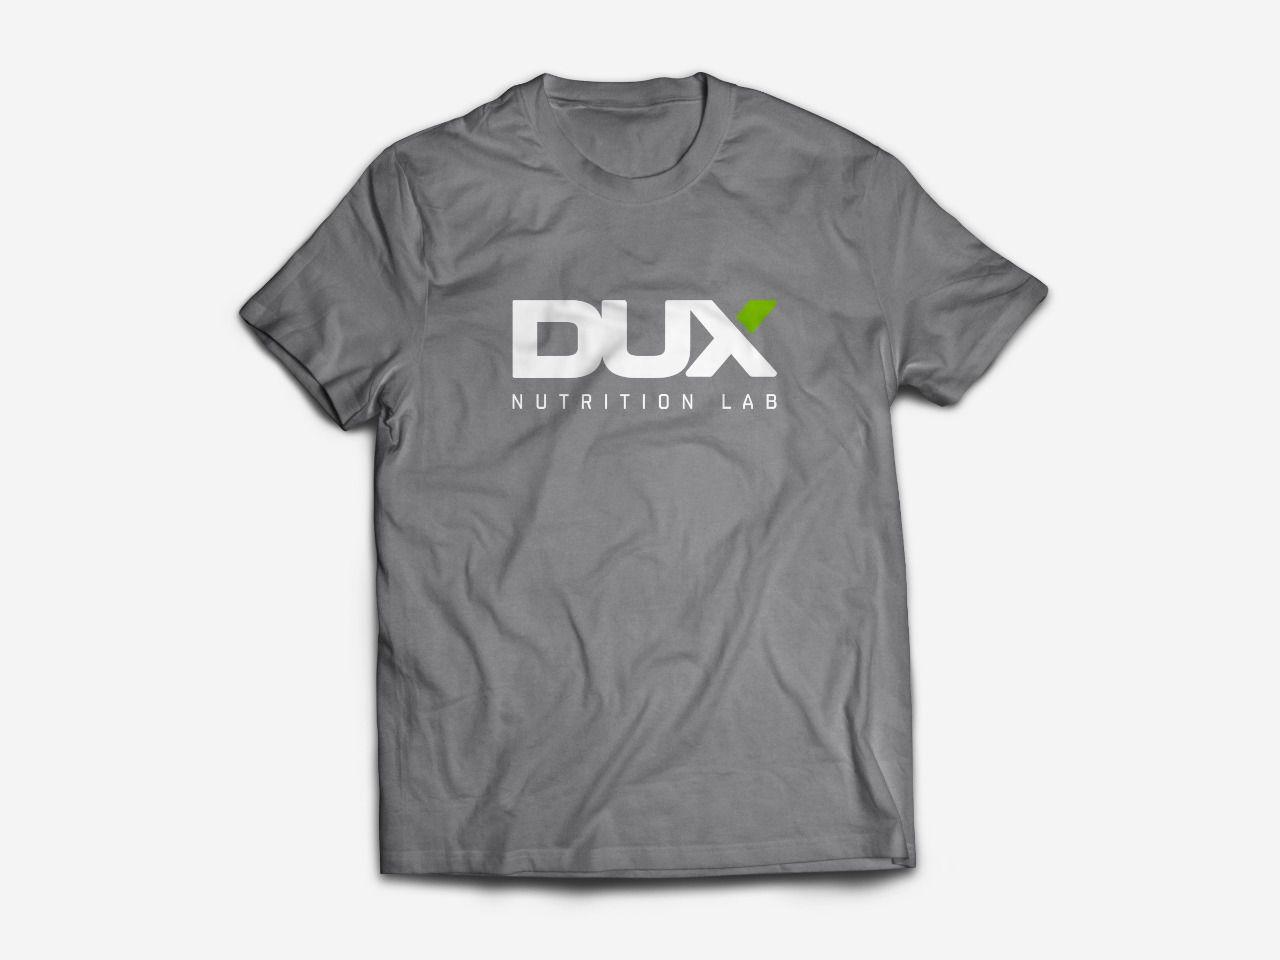 Camiseta Masculina Cinza com logo branco e verde - Dux Nutrition